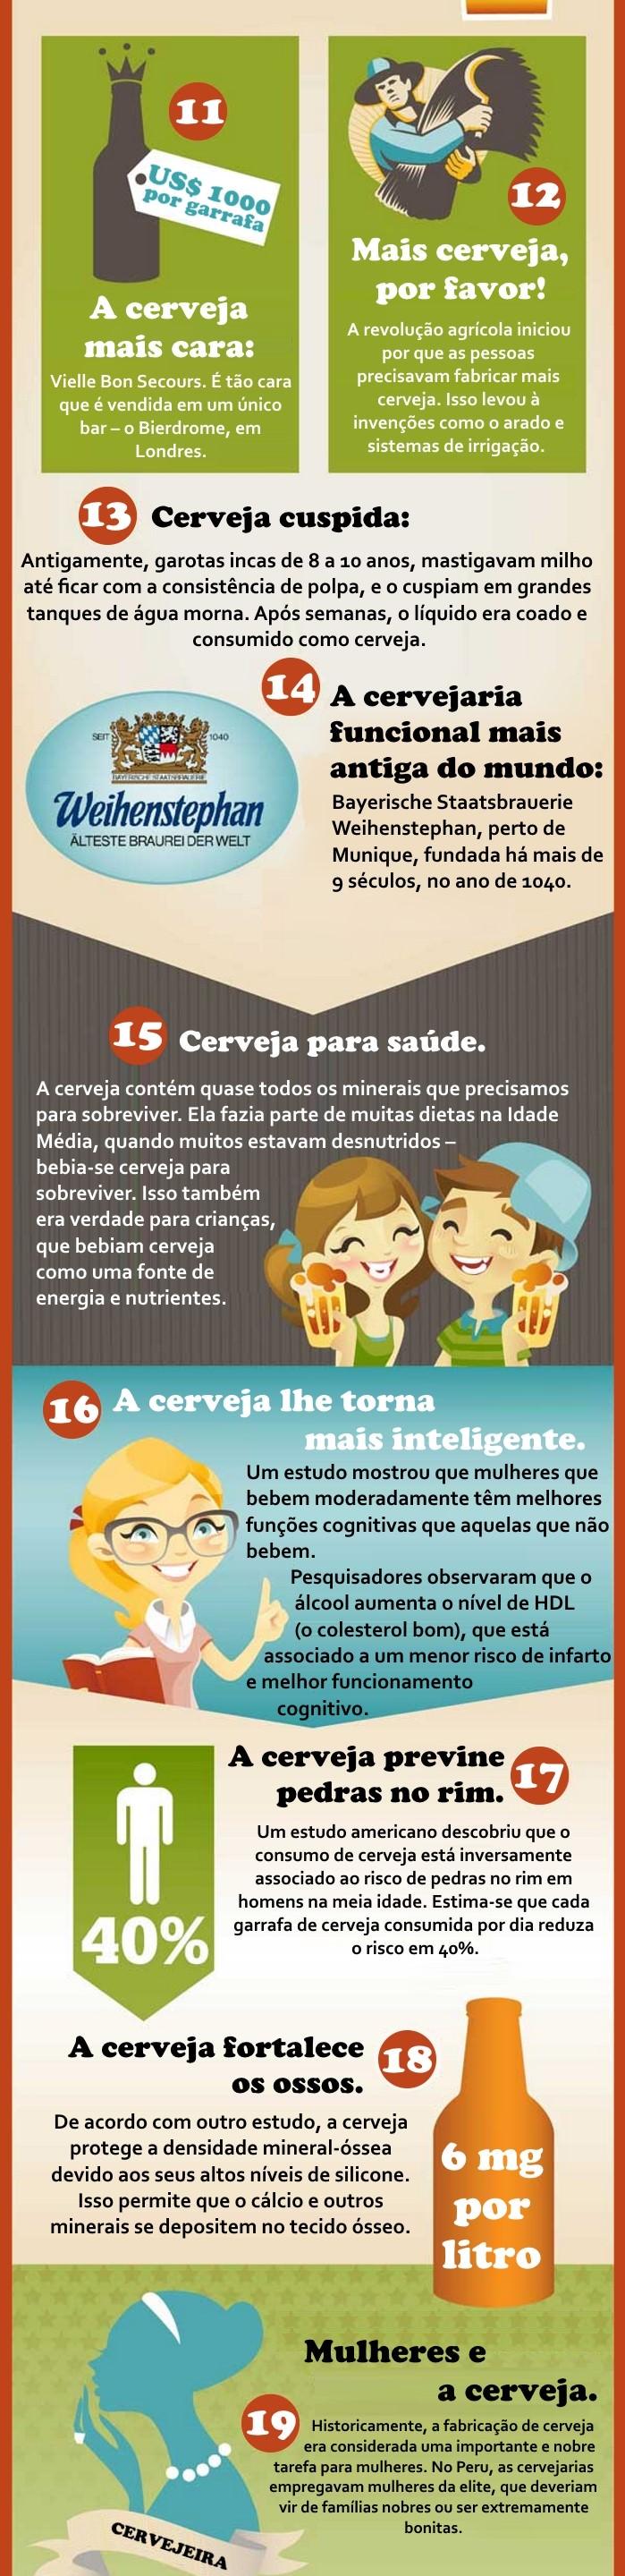 fatos curiosos sobre a cerveja